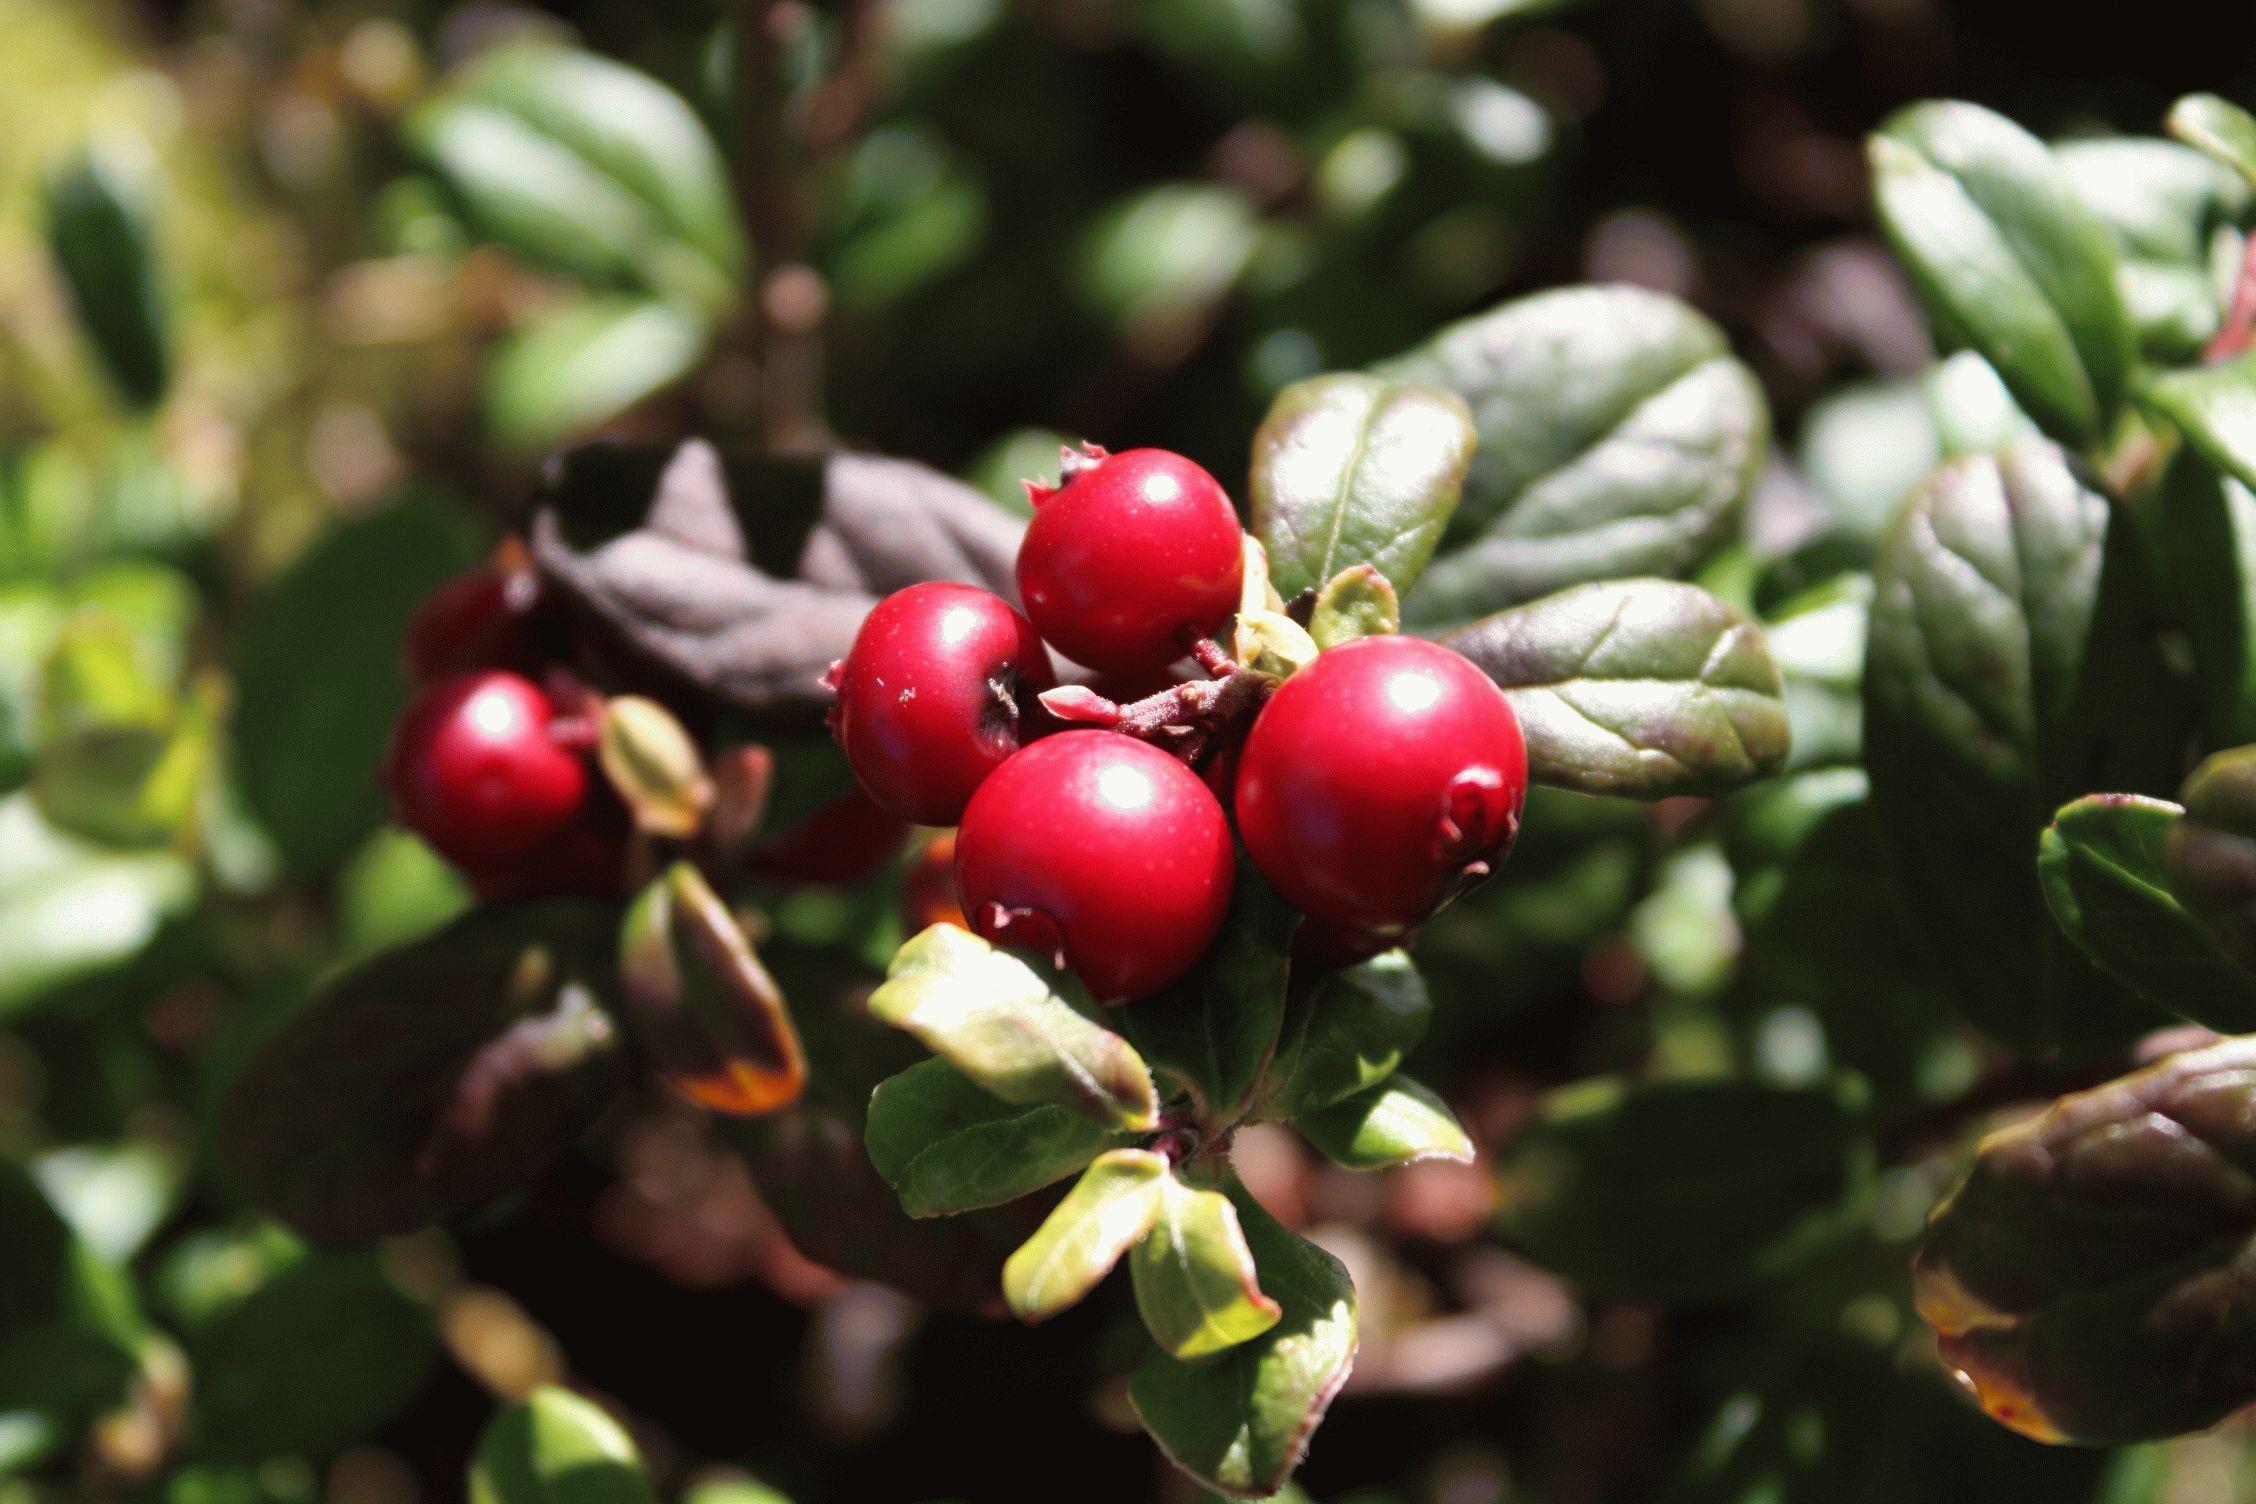 Брусника ягоды: полезные свойства и противопоказания, как употреблять в лечебных целях